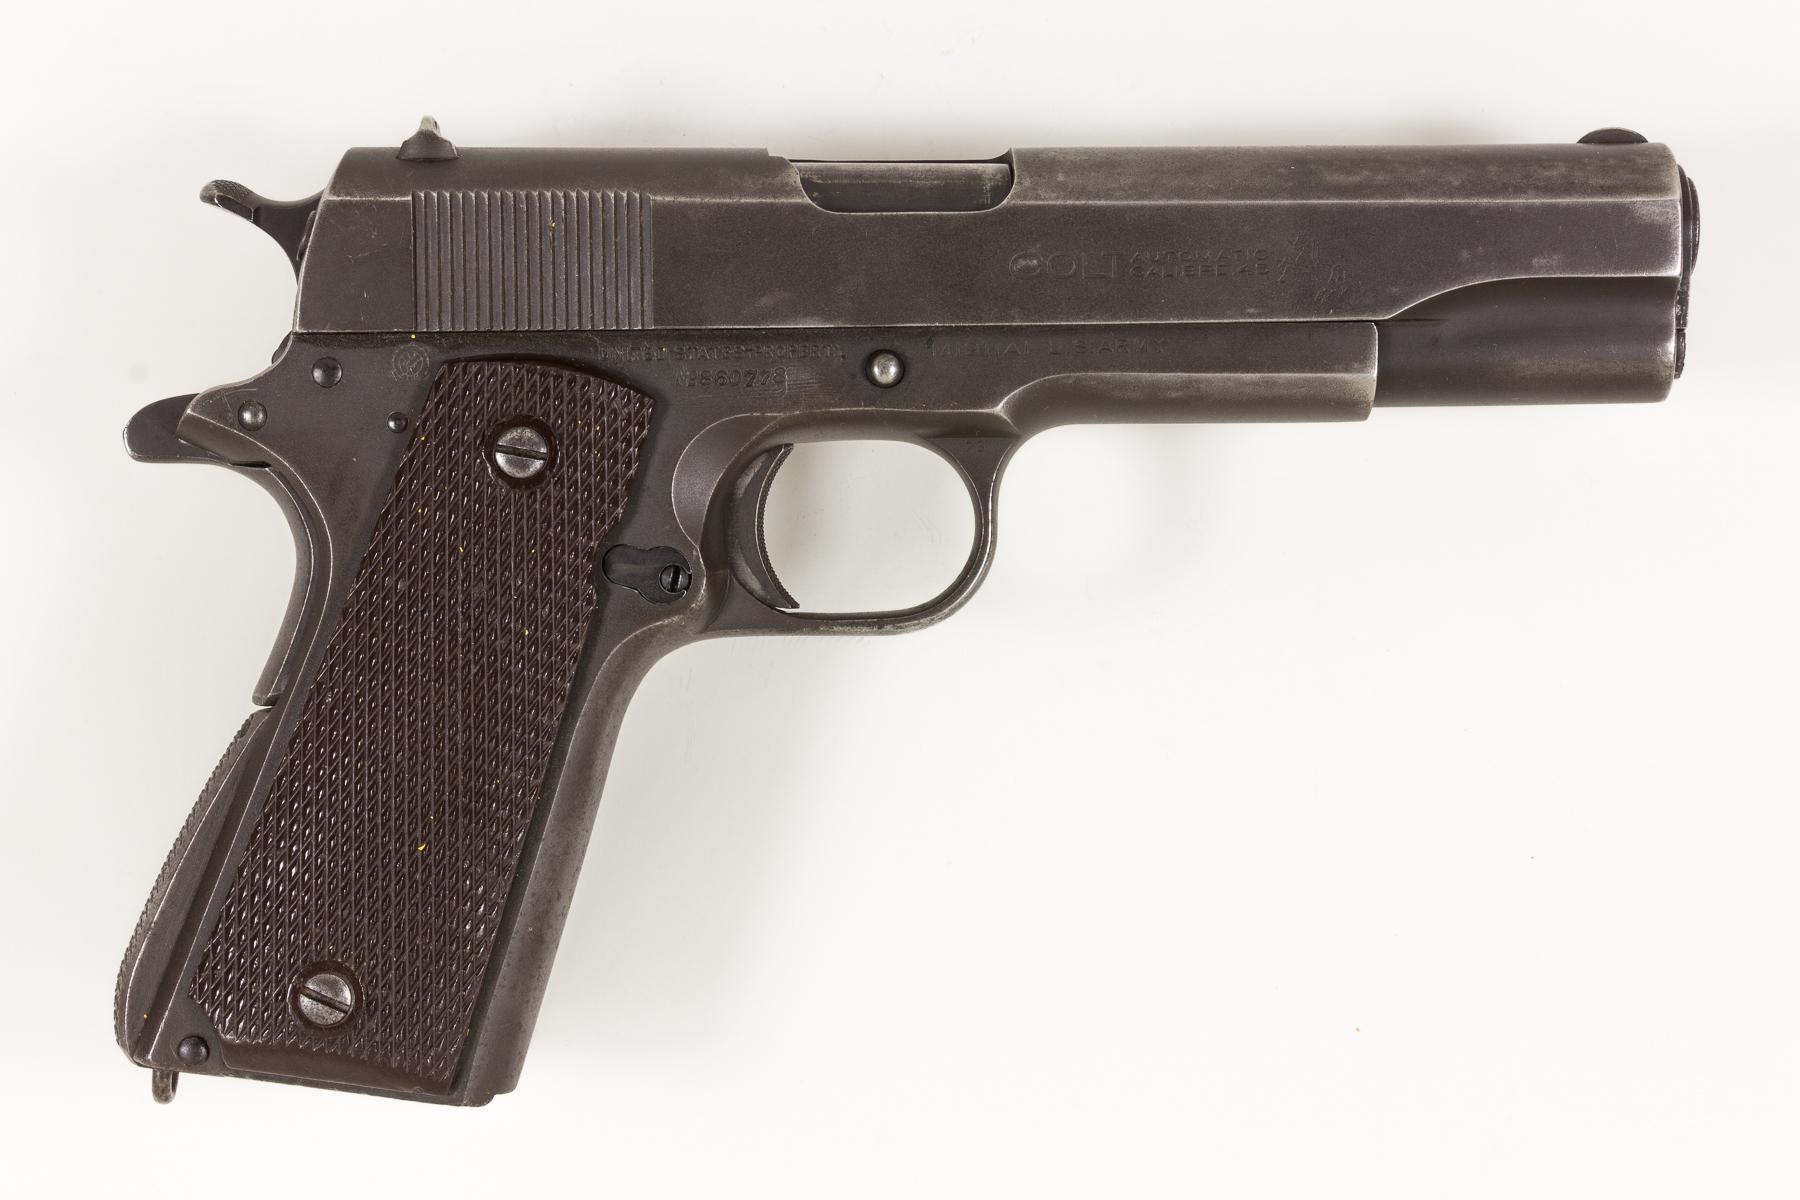 GEN. CLARENCE R. HUEBNER'S COLT M1911A1 PISTOL